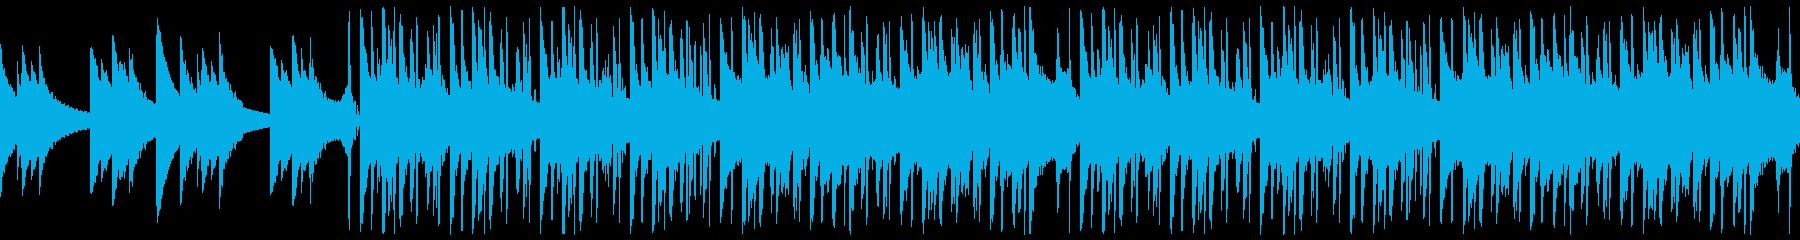 キラキラした都会的なHipHop Popの再生済みの波形